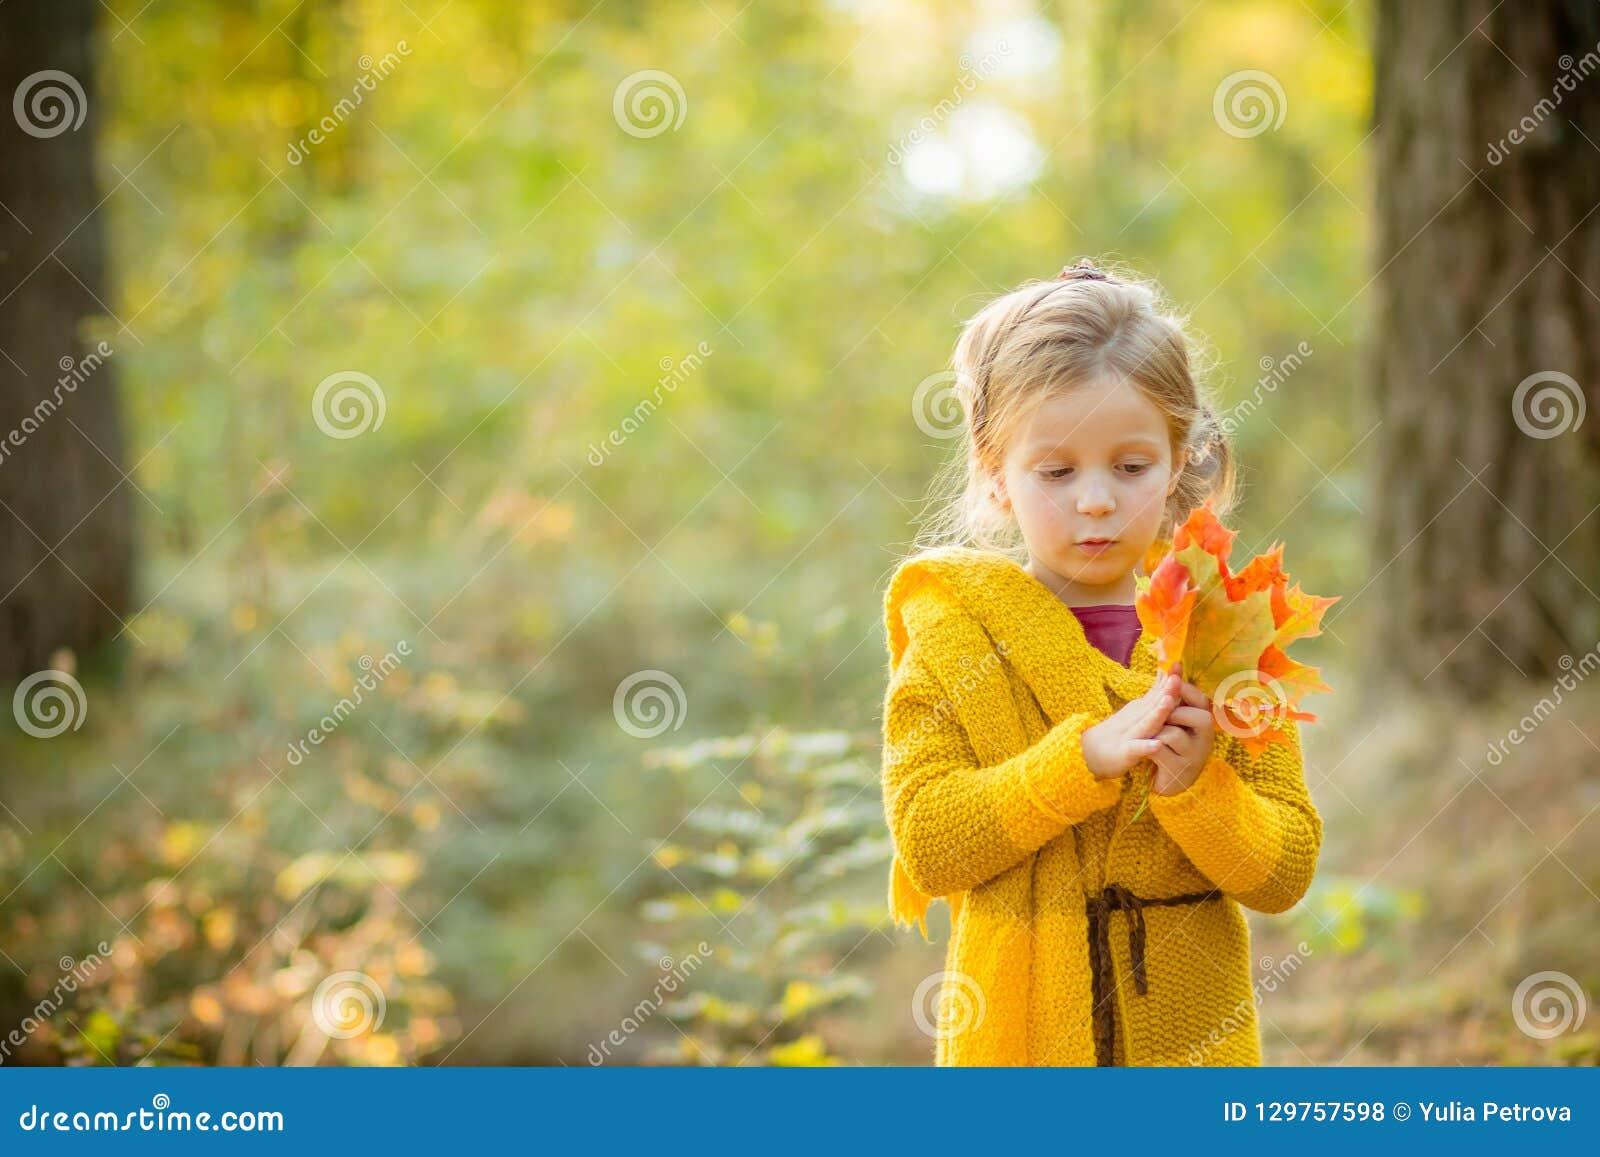 Niño feliz que juega con las hojas de arce amarillas y los sueños al aire libre en parque del otoño bajo rayos del sol Felicidad,